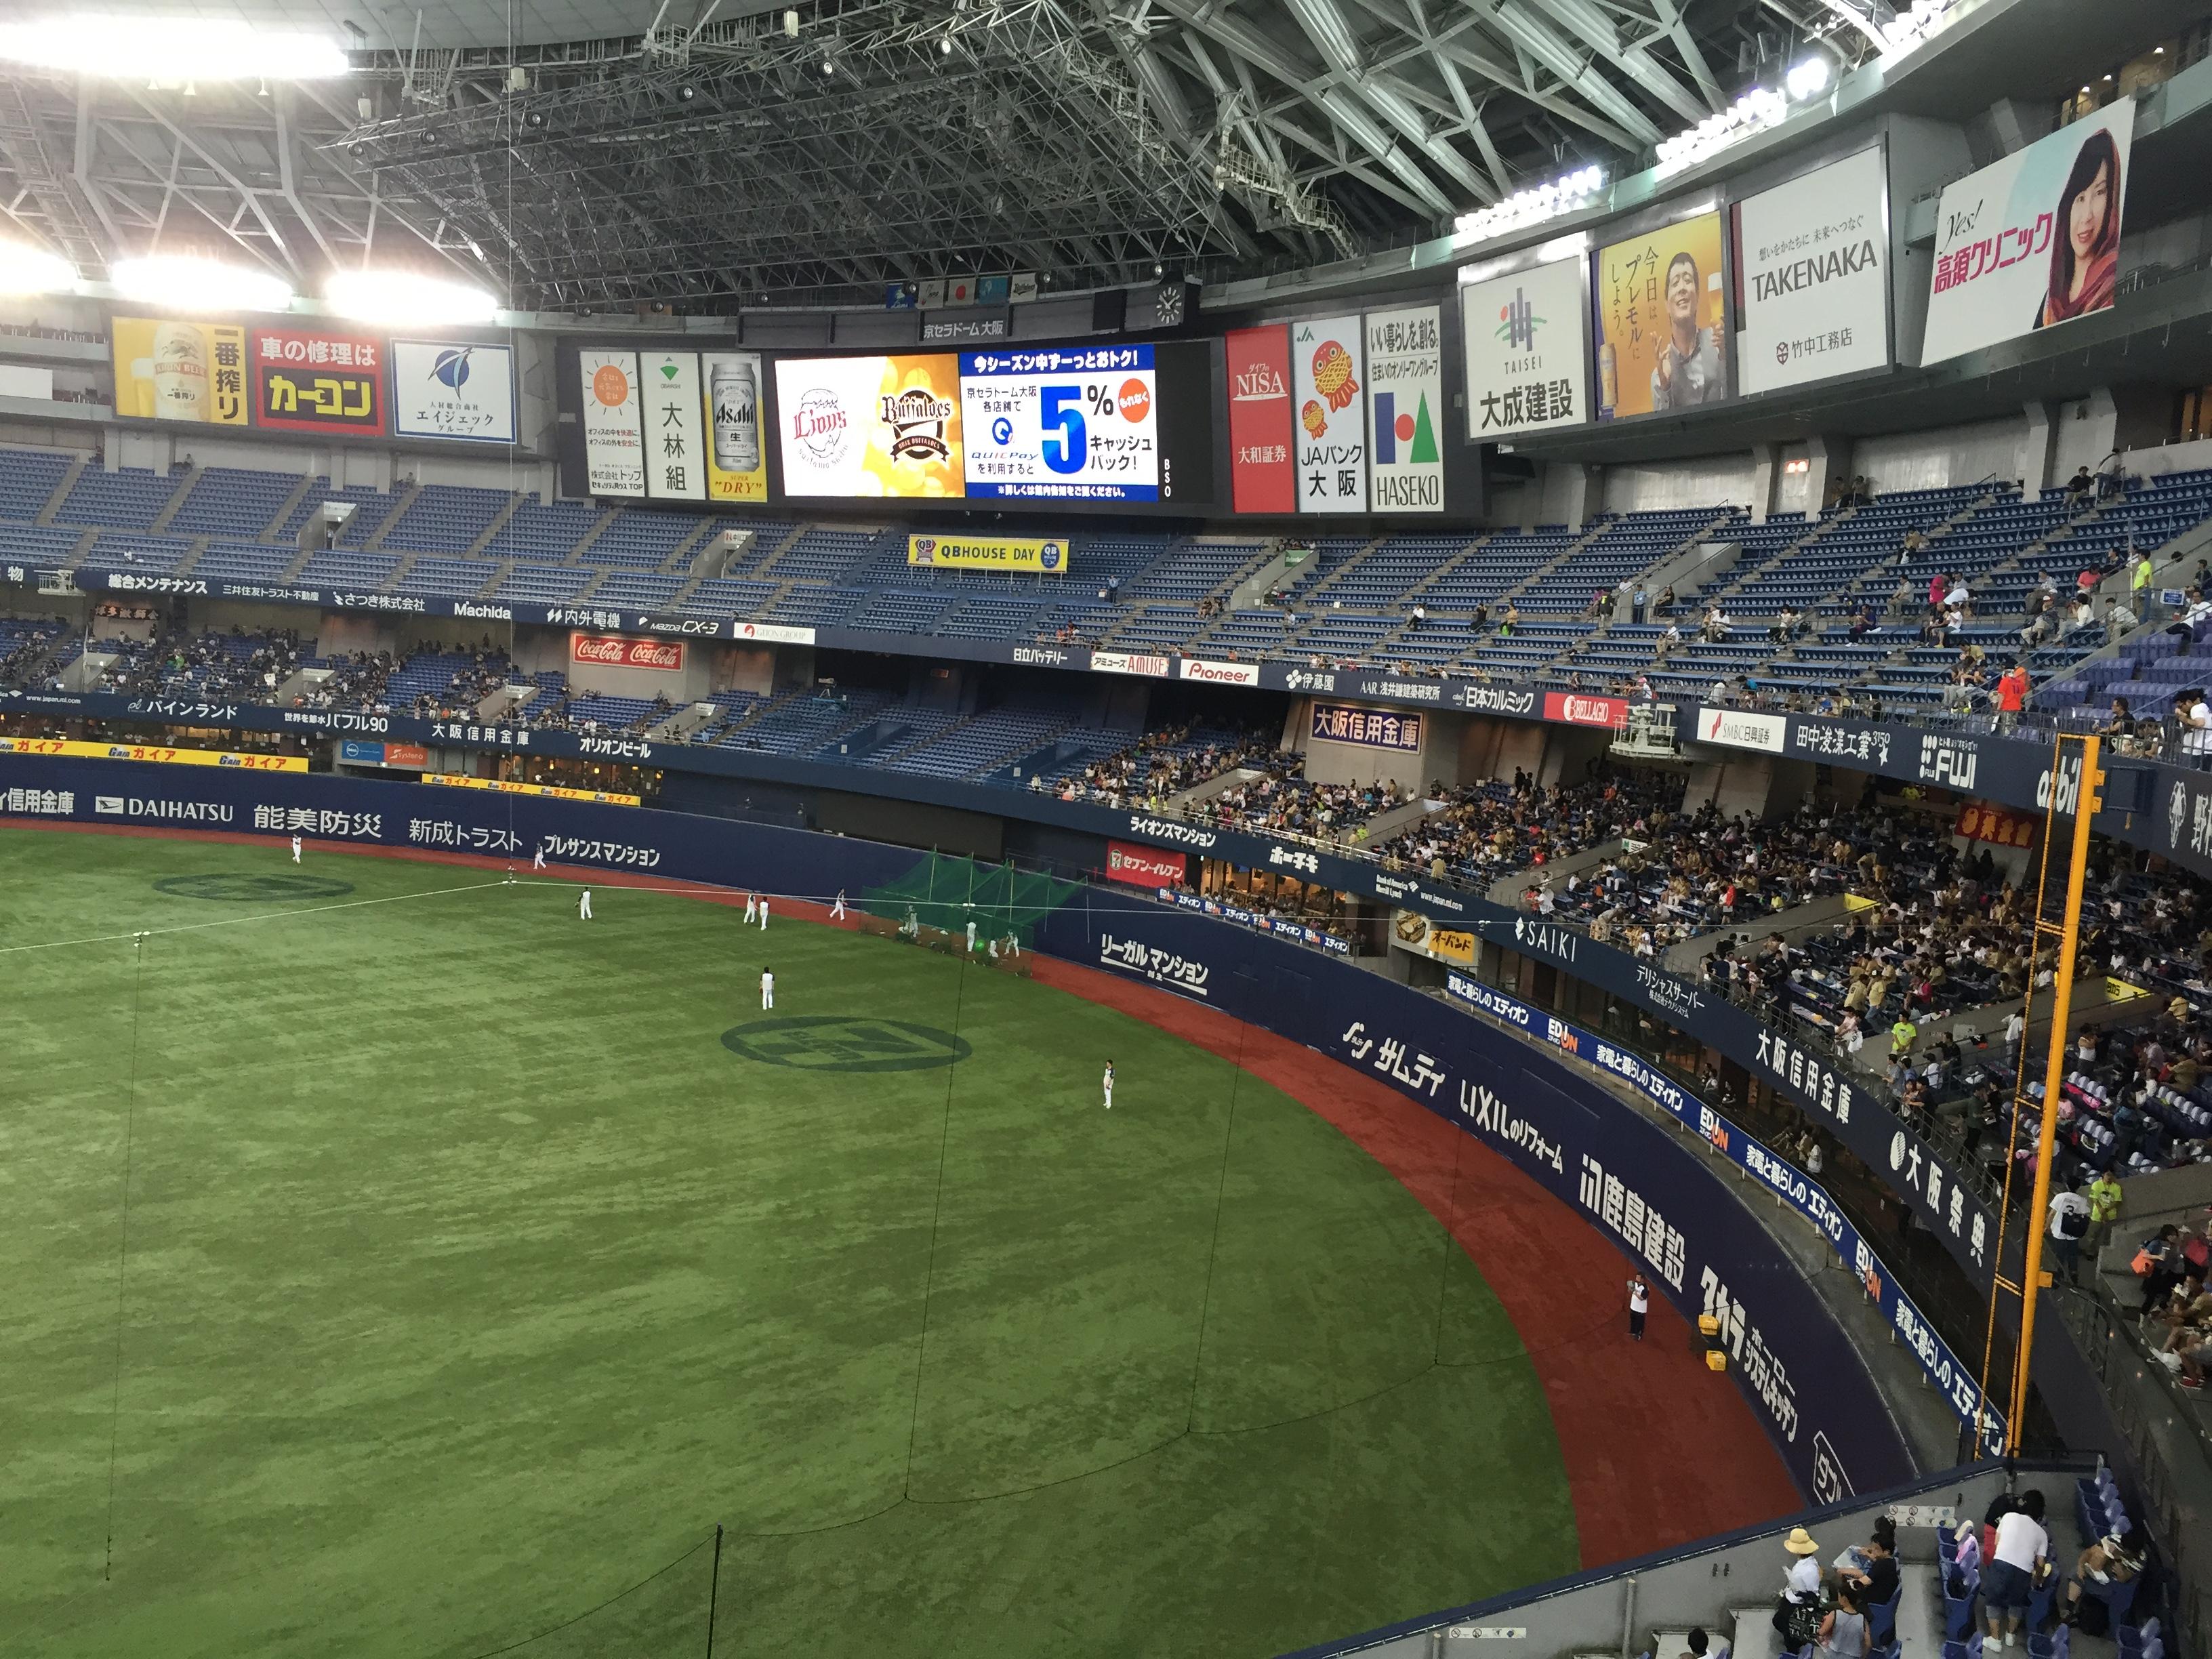 2015年7月20日 オリックス 対 埼玉西武 第4回 ファンクラブデー